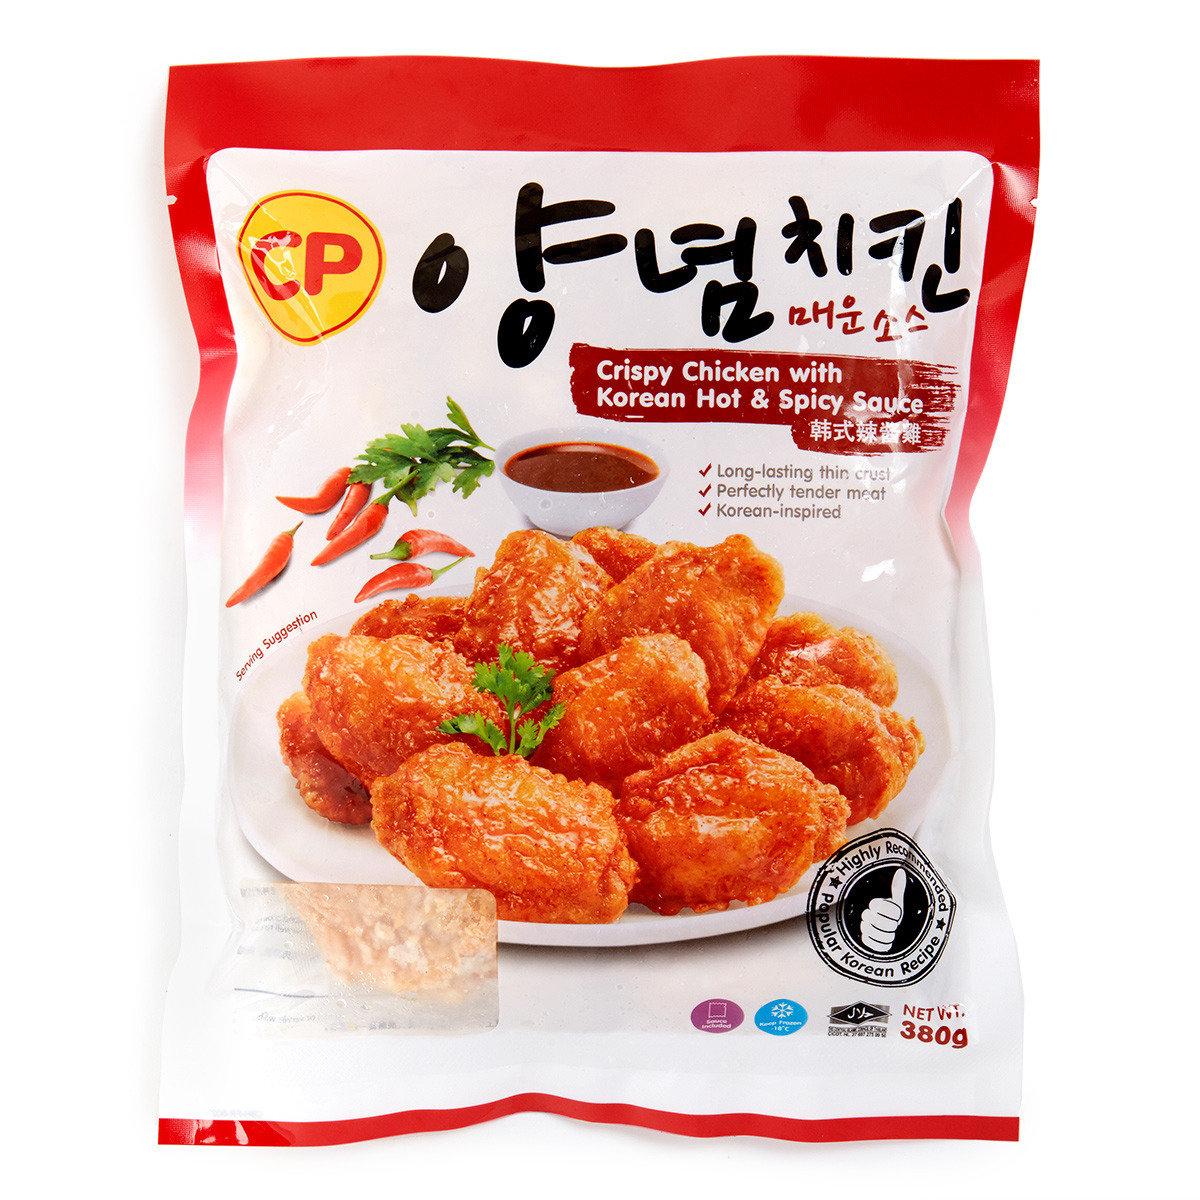 韓式辣醬雞 (急凍)